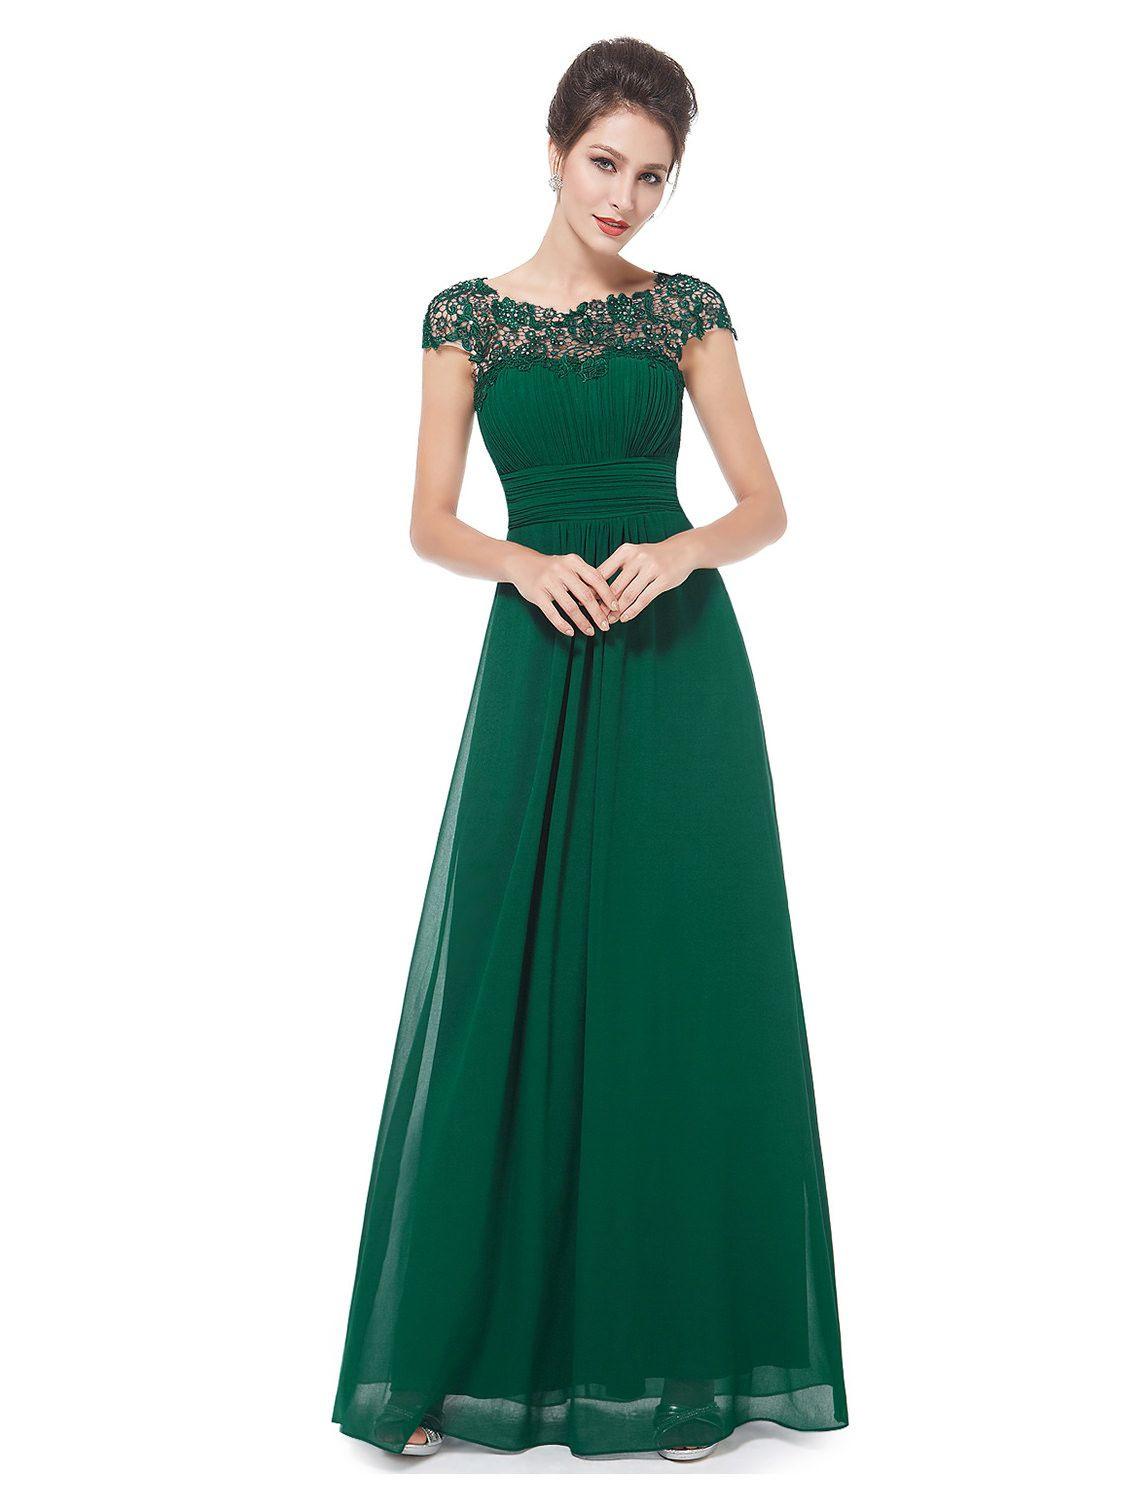 Abend Schön Grünes Abend Kleid Ärmel17 Wunderbar Grünes Abend Kleid Ärmel